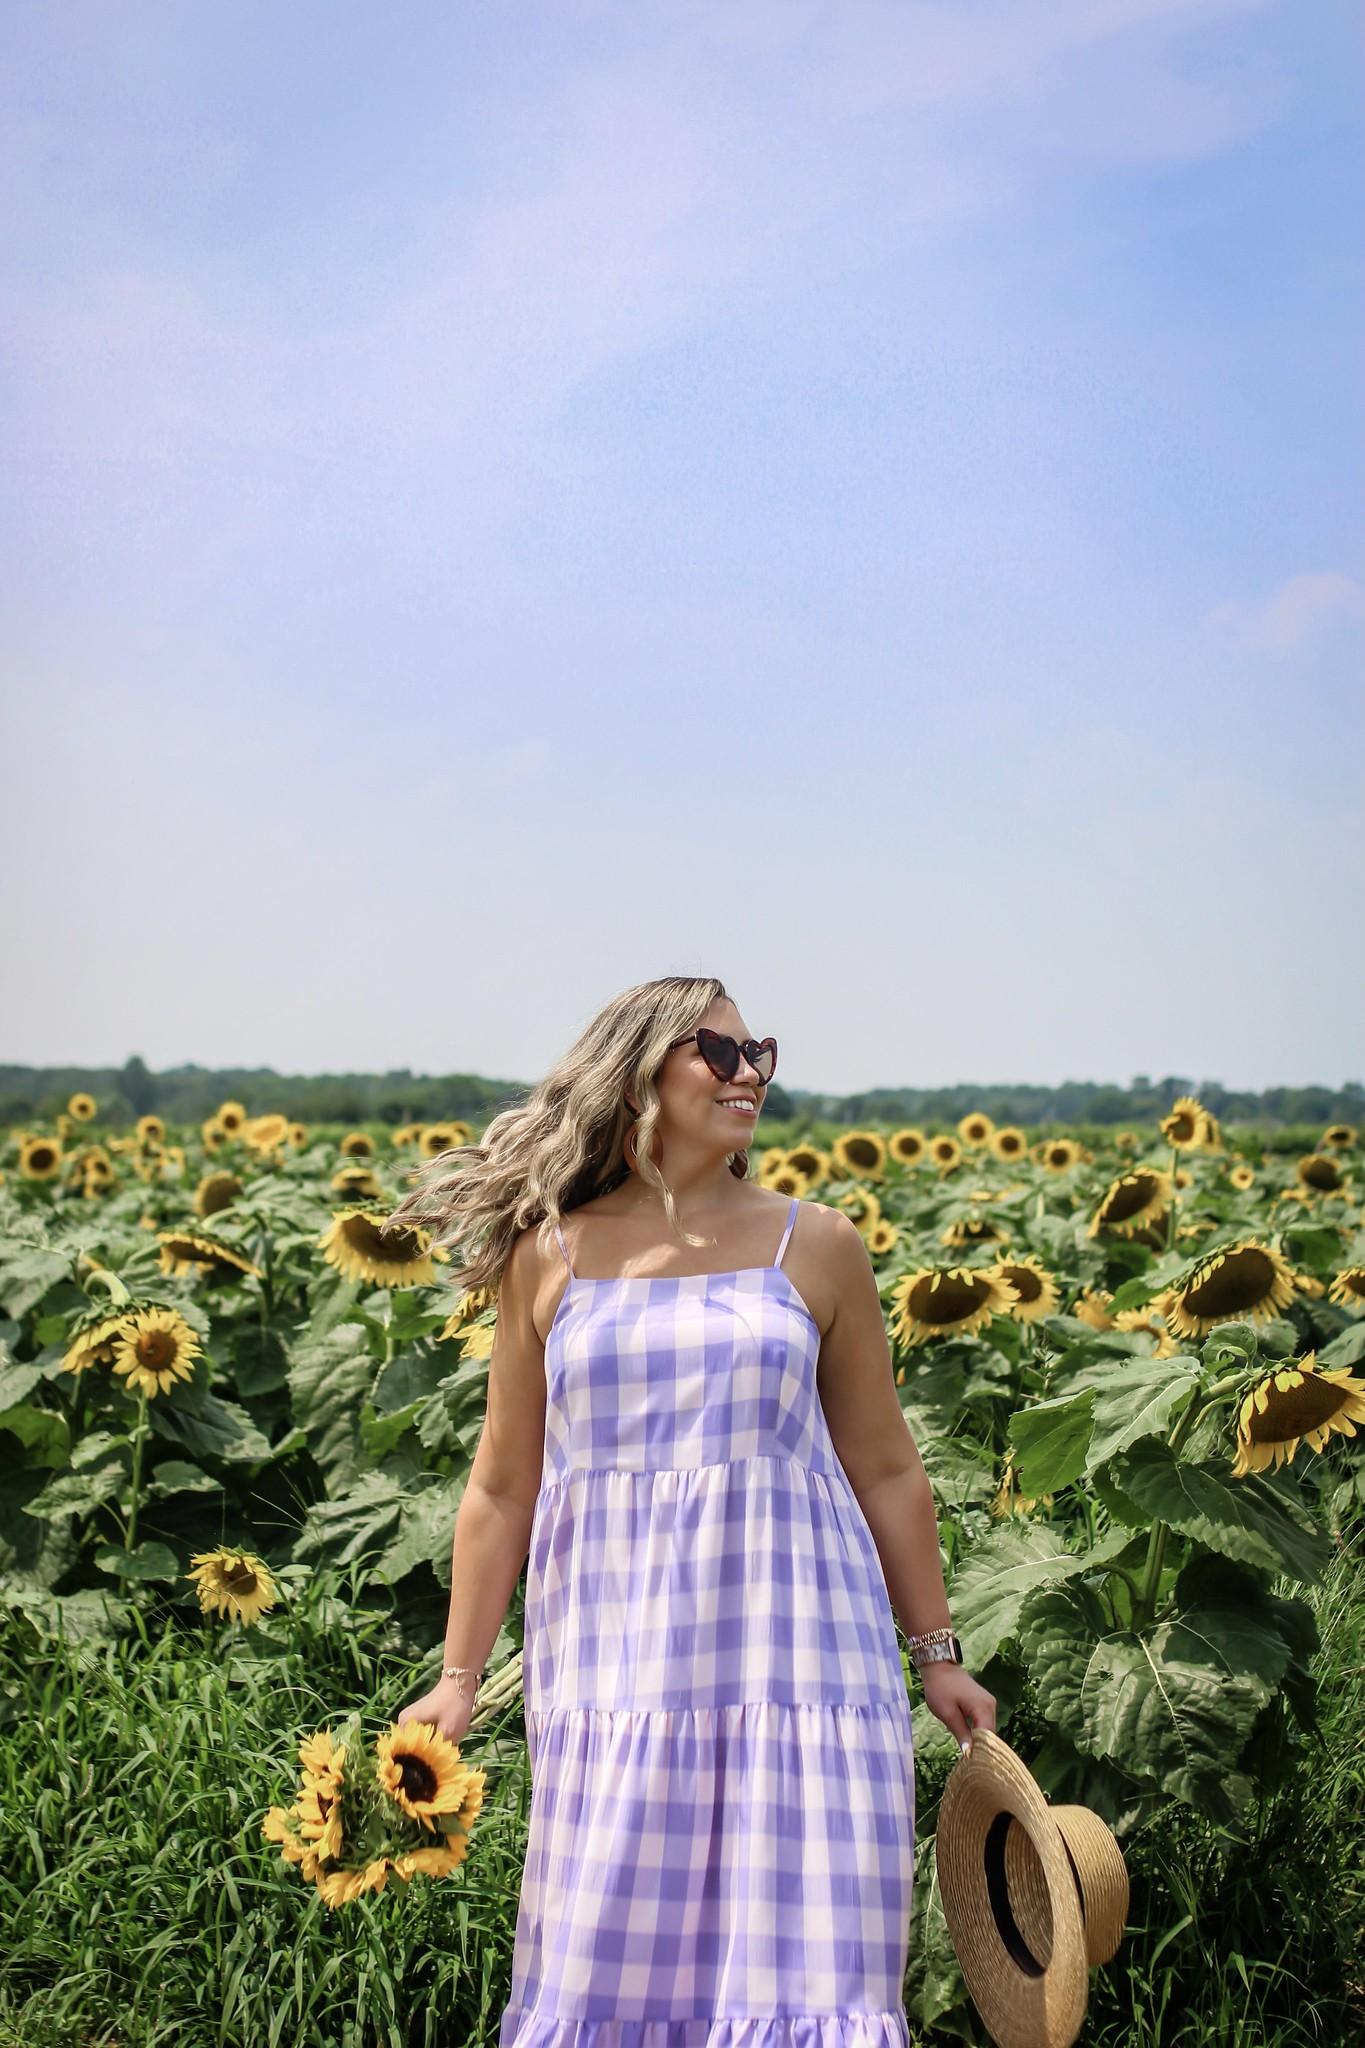 Summer flower fields to visit in New York